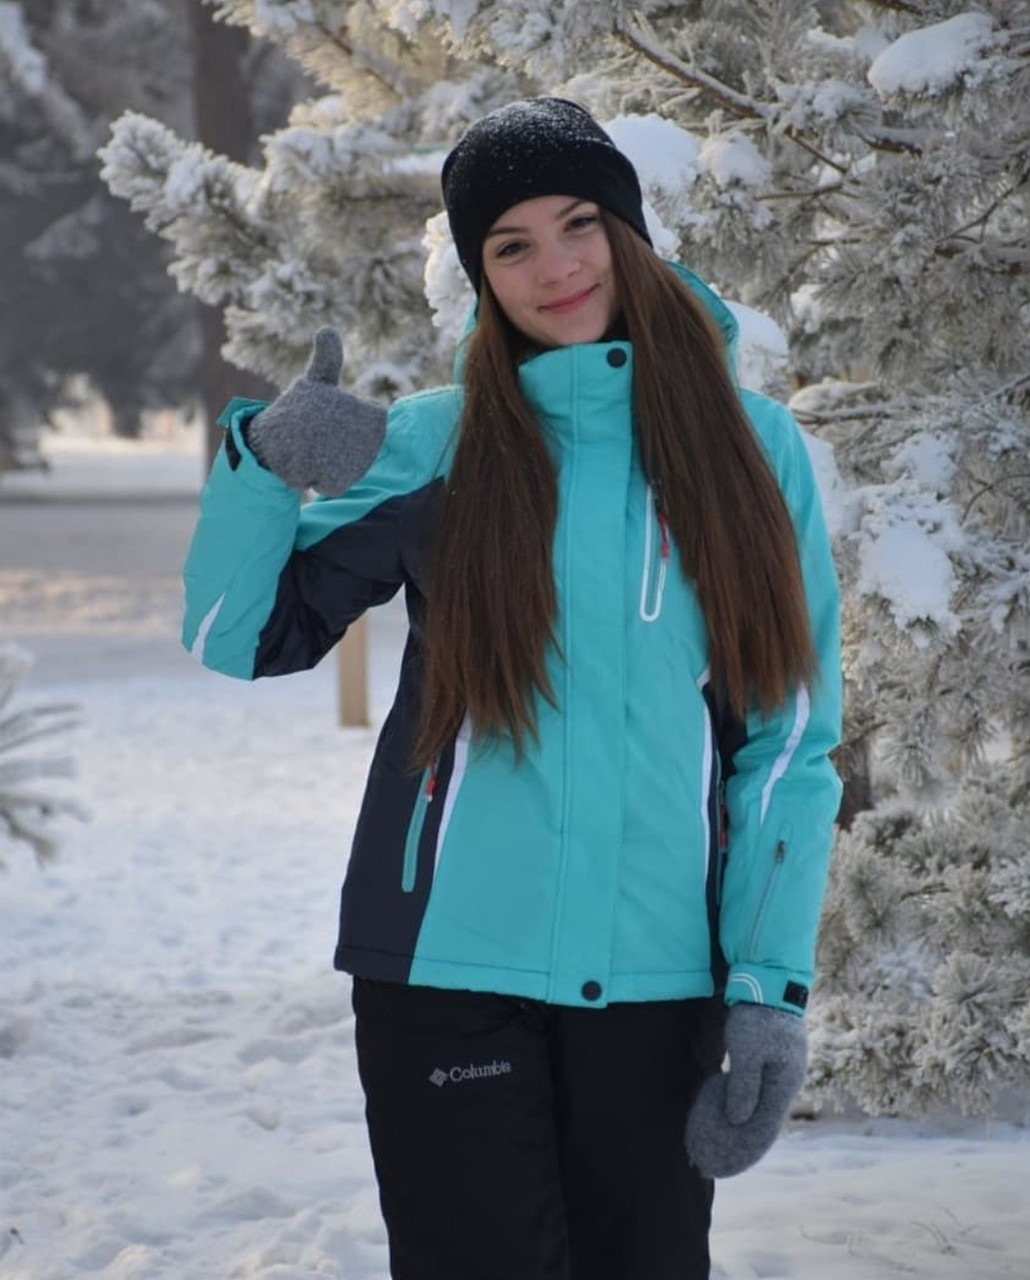 Женская зимняя одежда Columbia